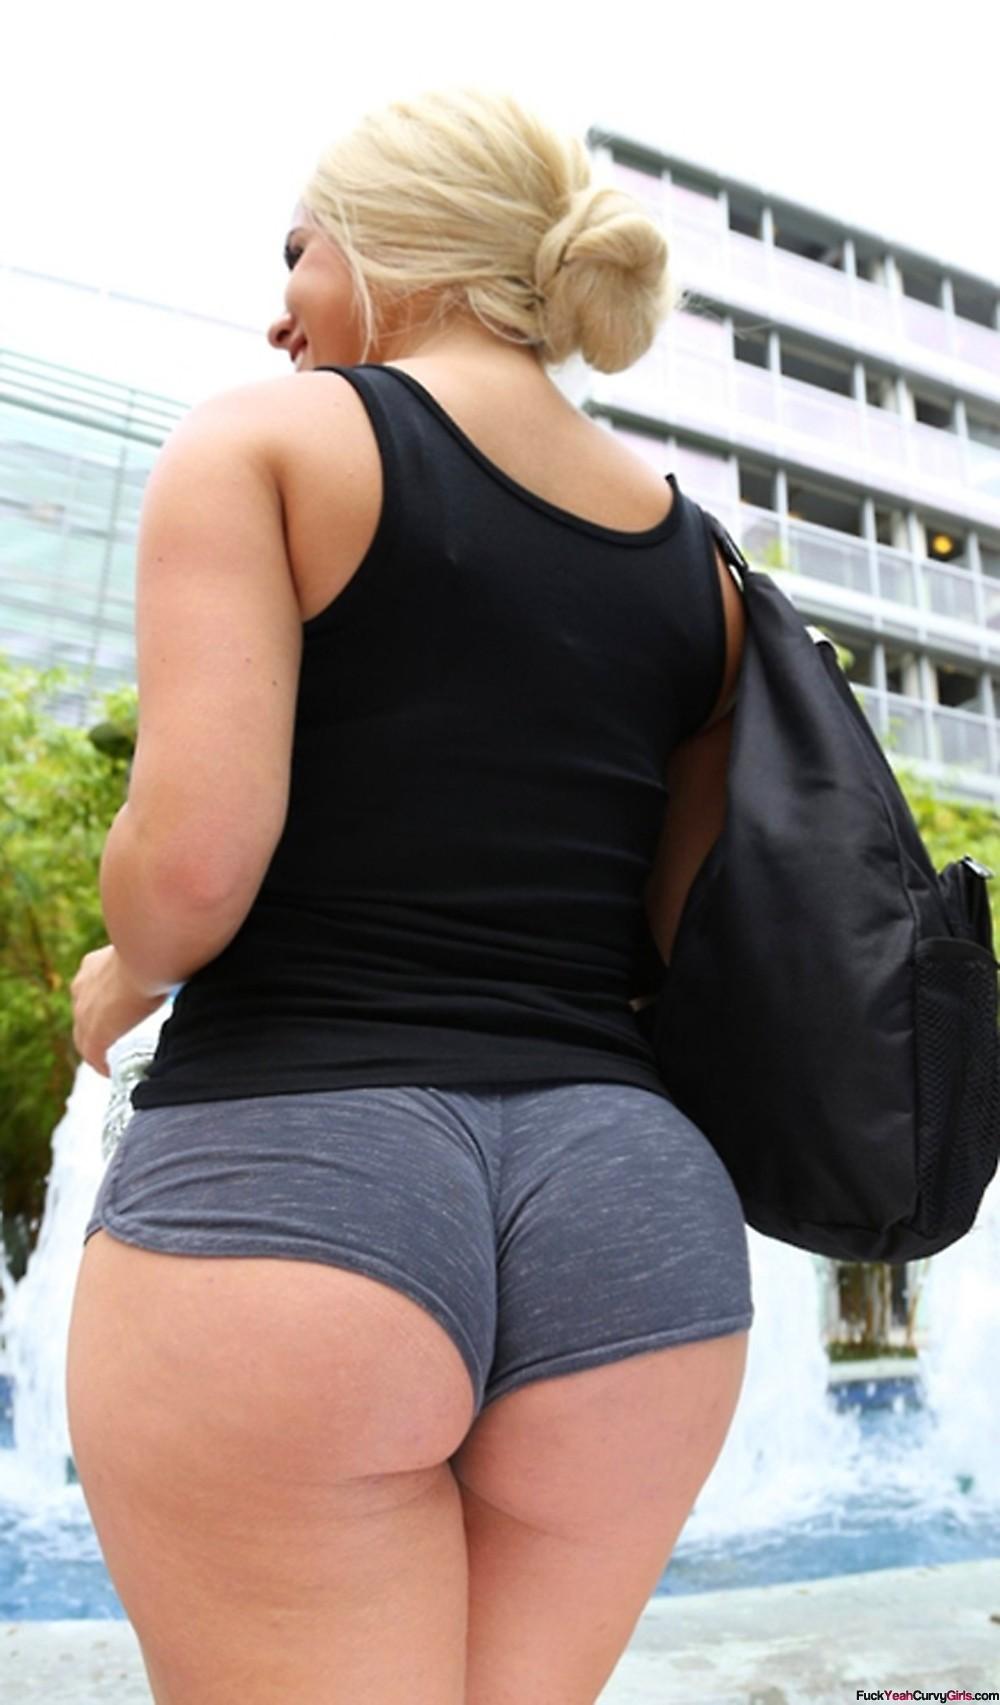 Hot girl in booty shorts